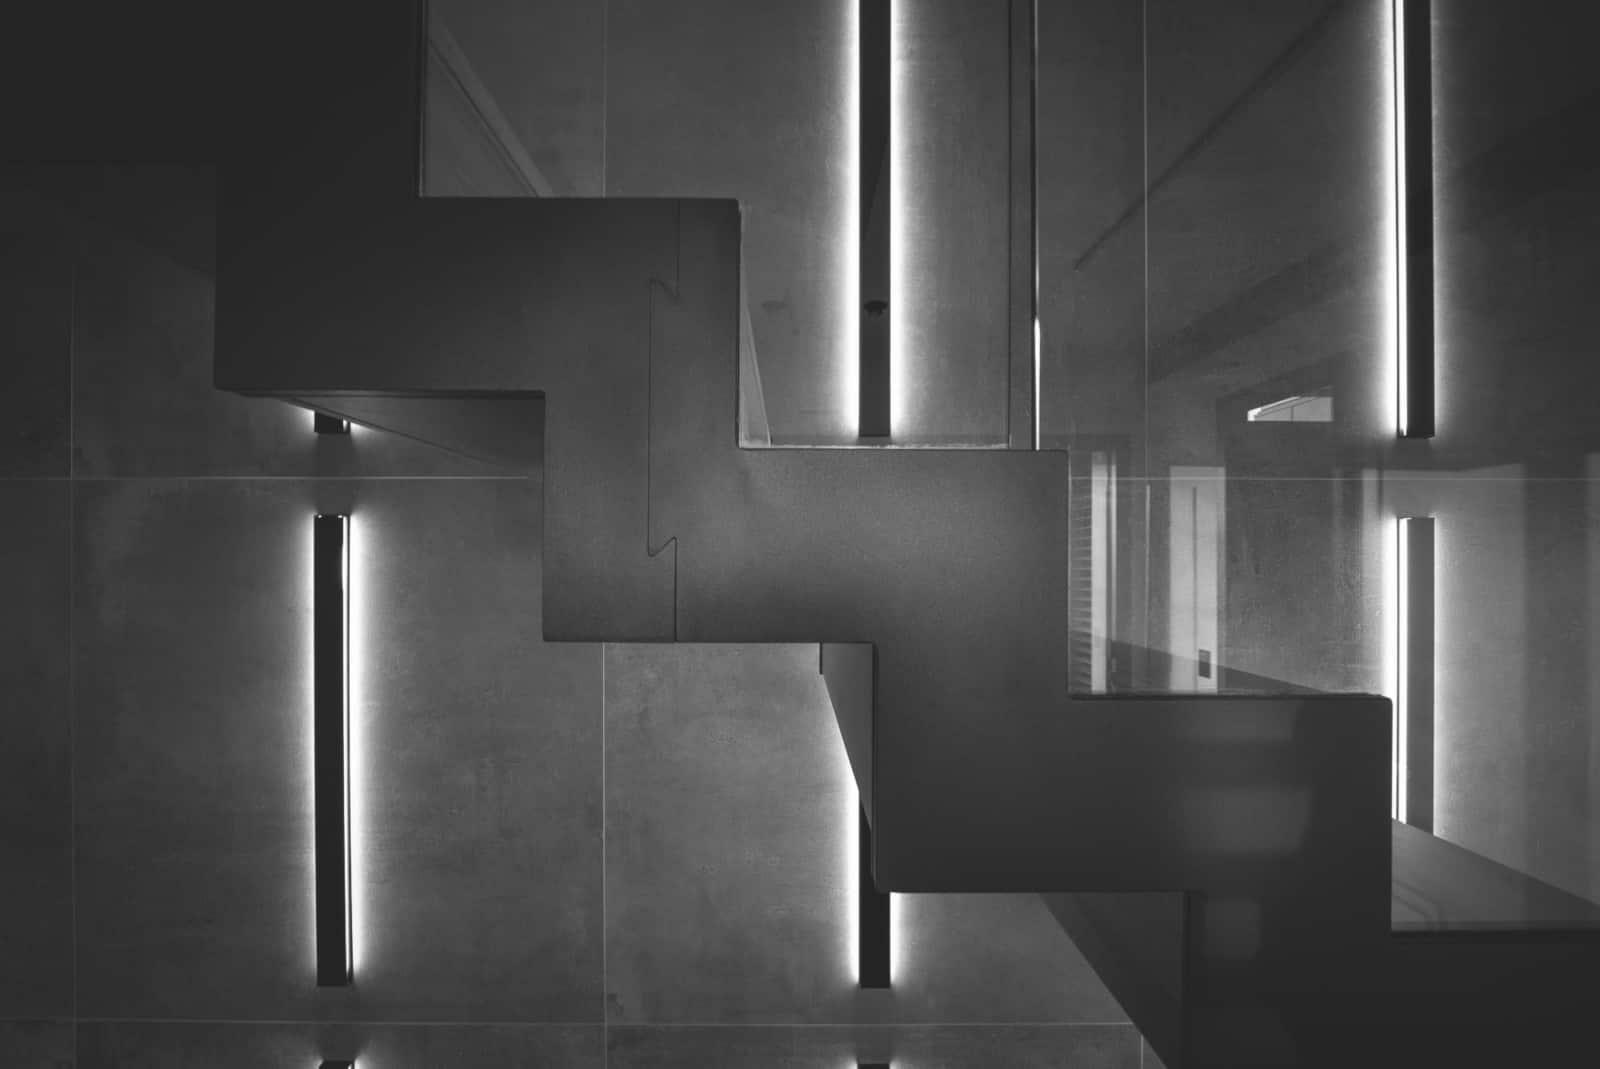 - Maison d'architecte, villa contemporaine - Archidomo - architecture Annecy Lyon Paris